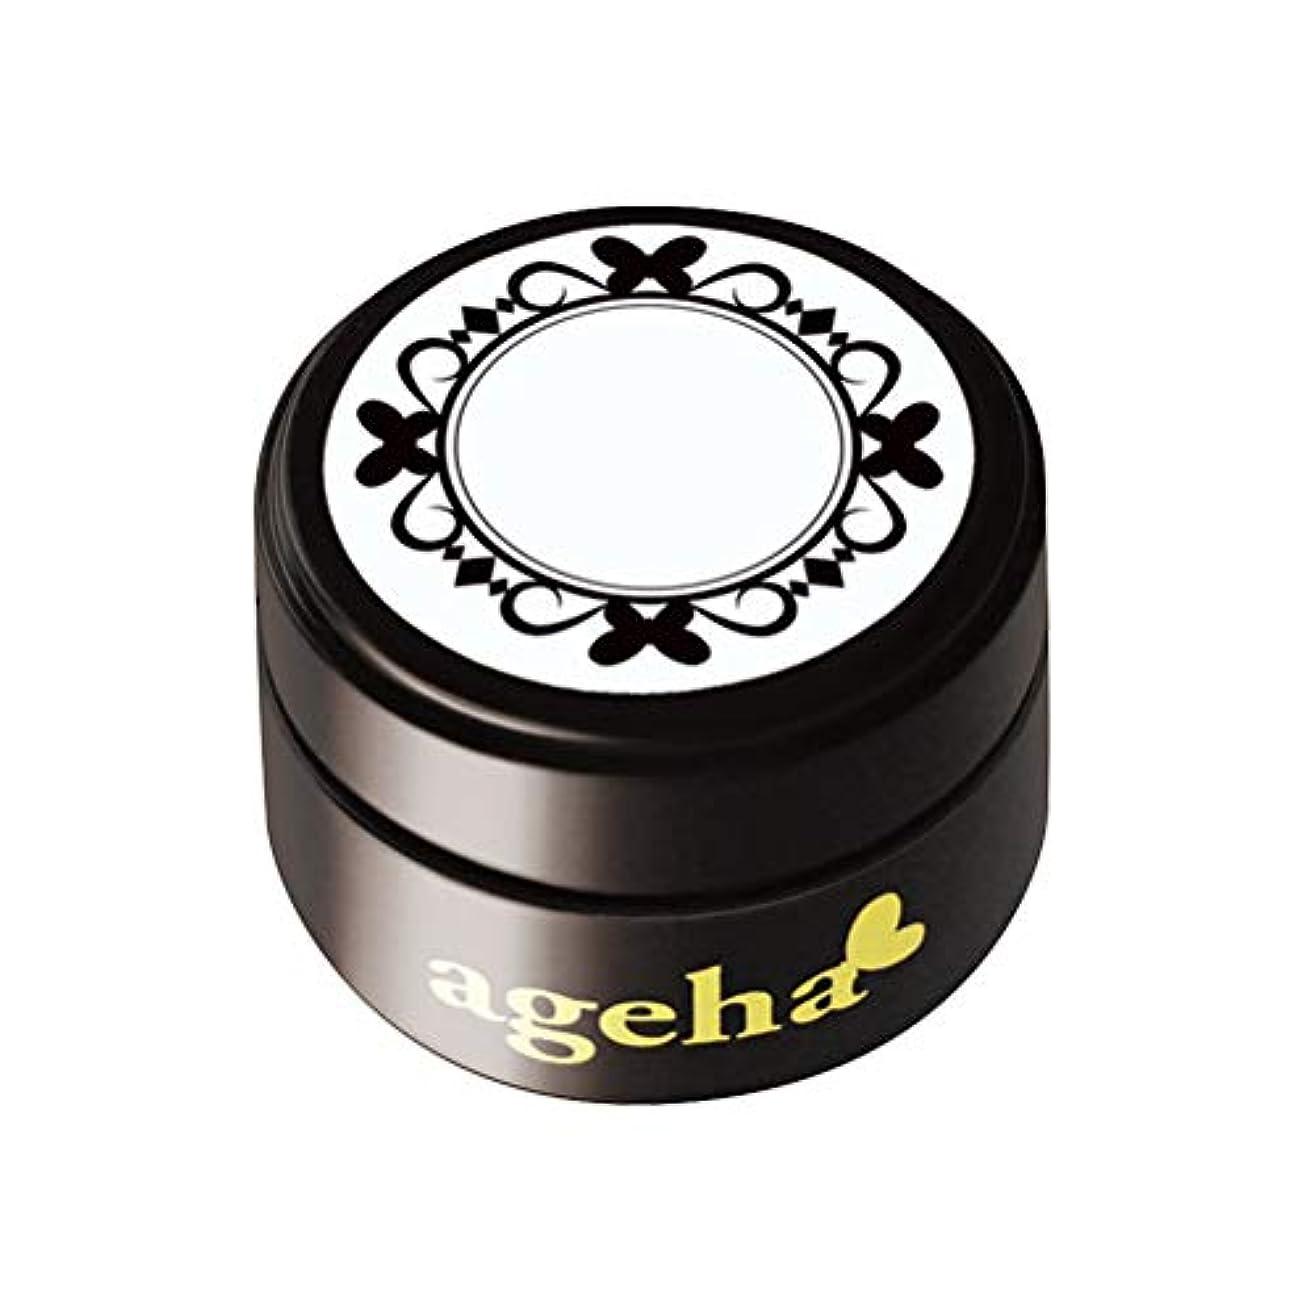 適度な中庭治療ageha コスメカラー 235 レトロブルー 2.7g UV/LED対応